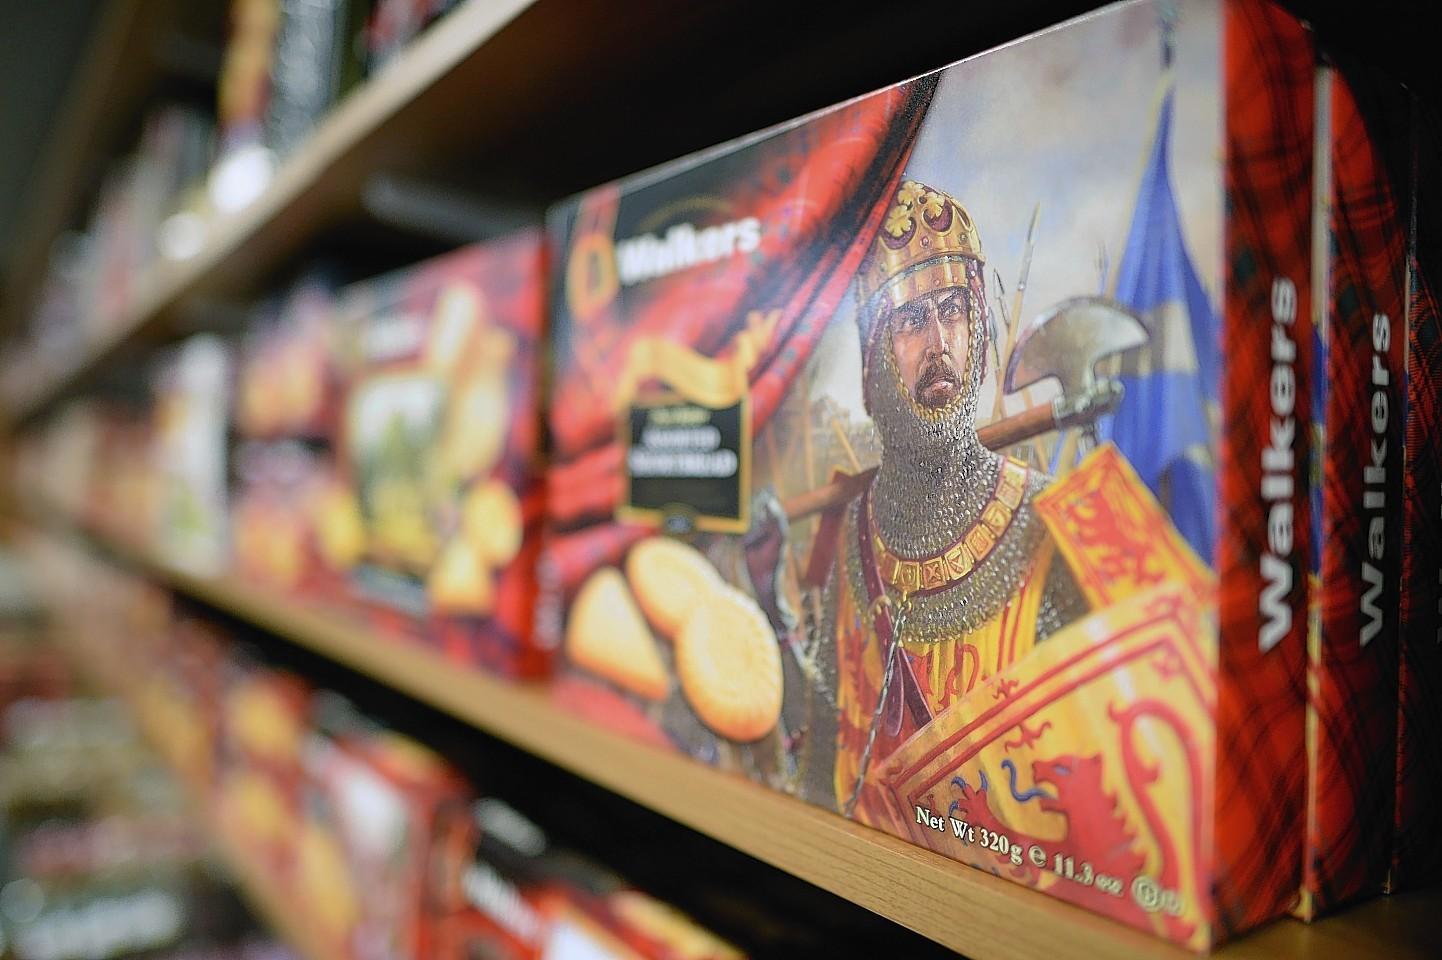 Walkers Shortbread is one of Scotland's export success stories